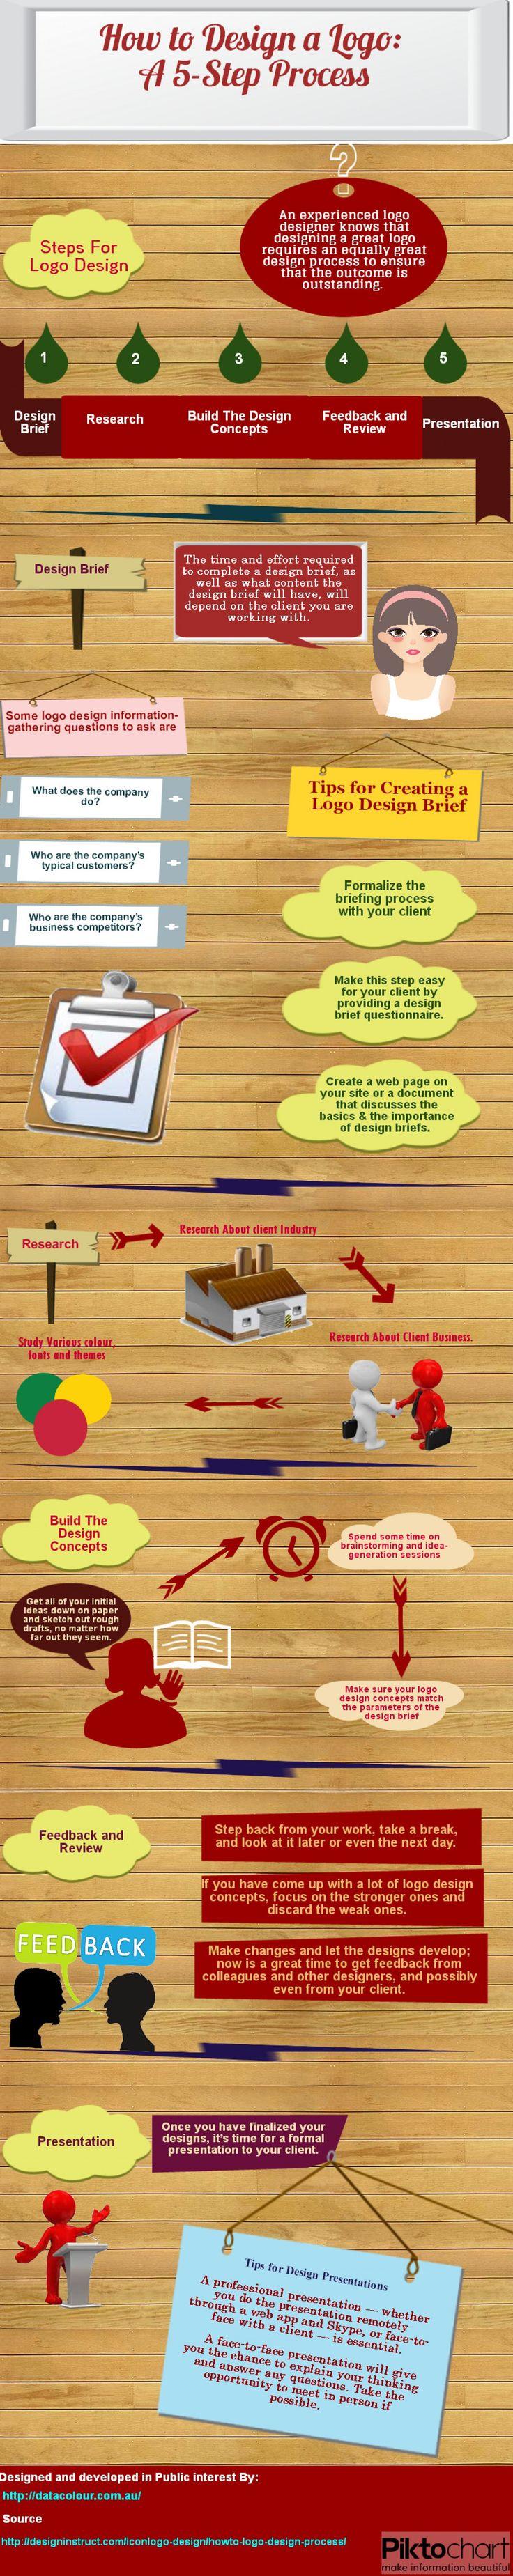 How to Design a #Logo: A 5-Step Process